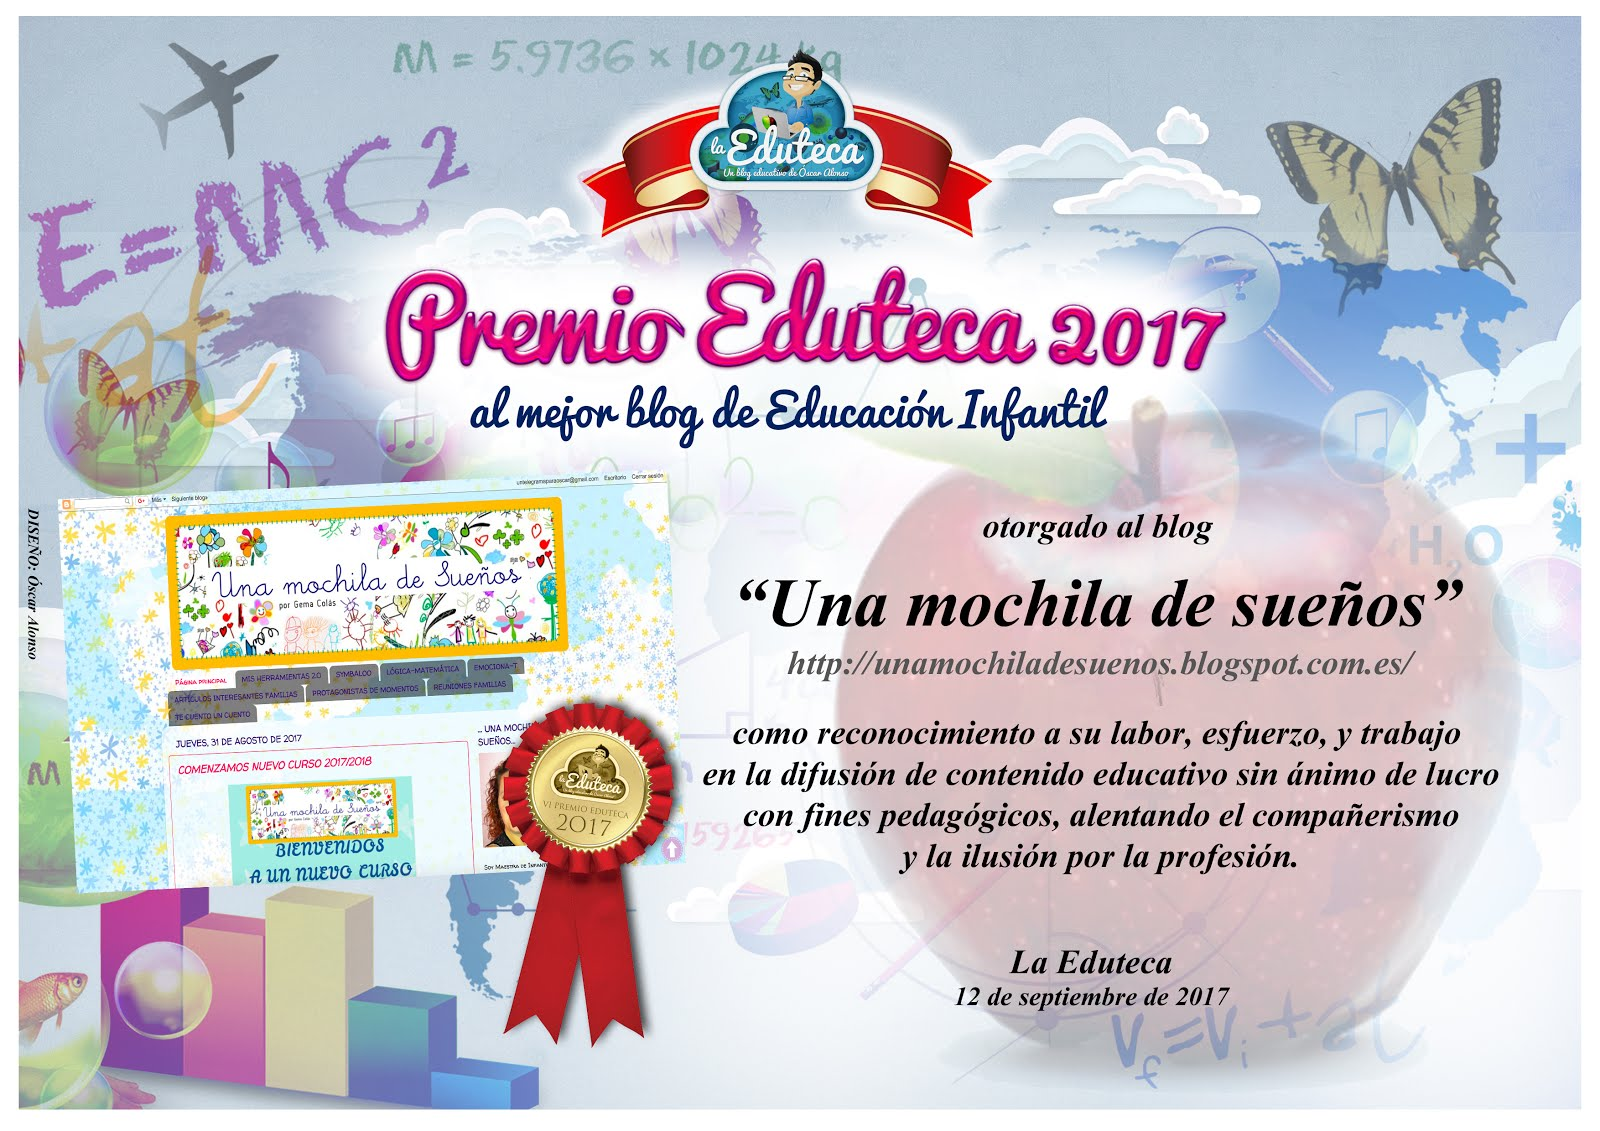 PREMIO EDUTECA 2017. AL MEJOR BLOG DE EDUCACIÓN INFANTIL